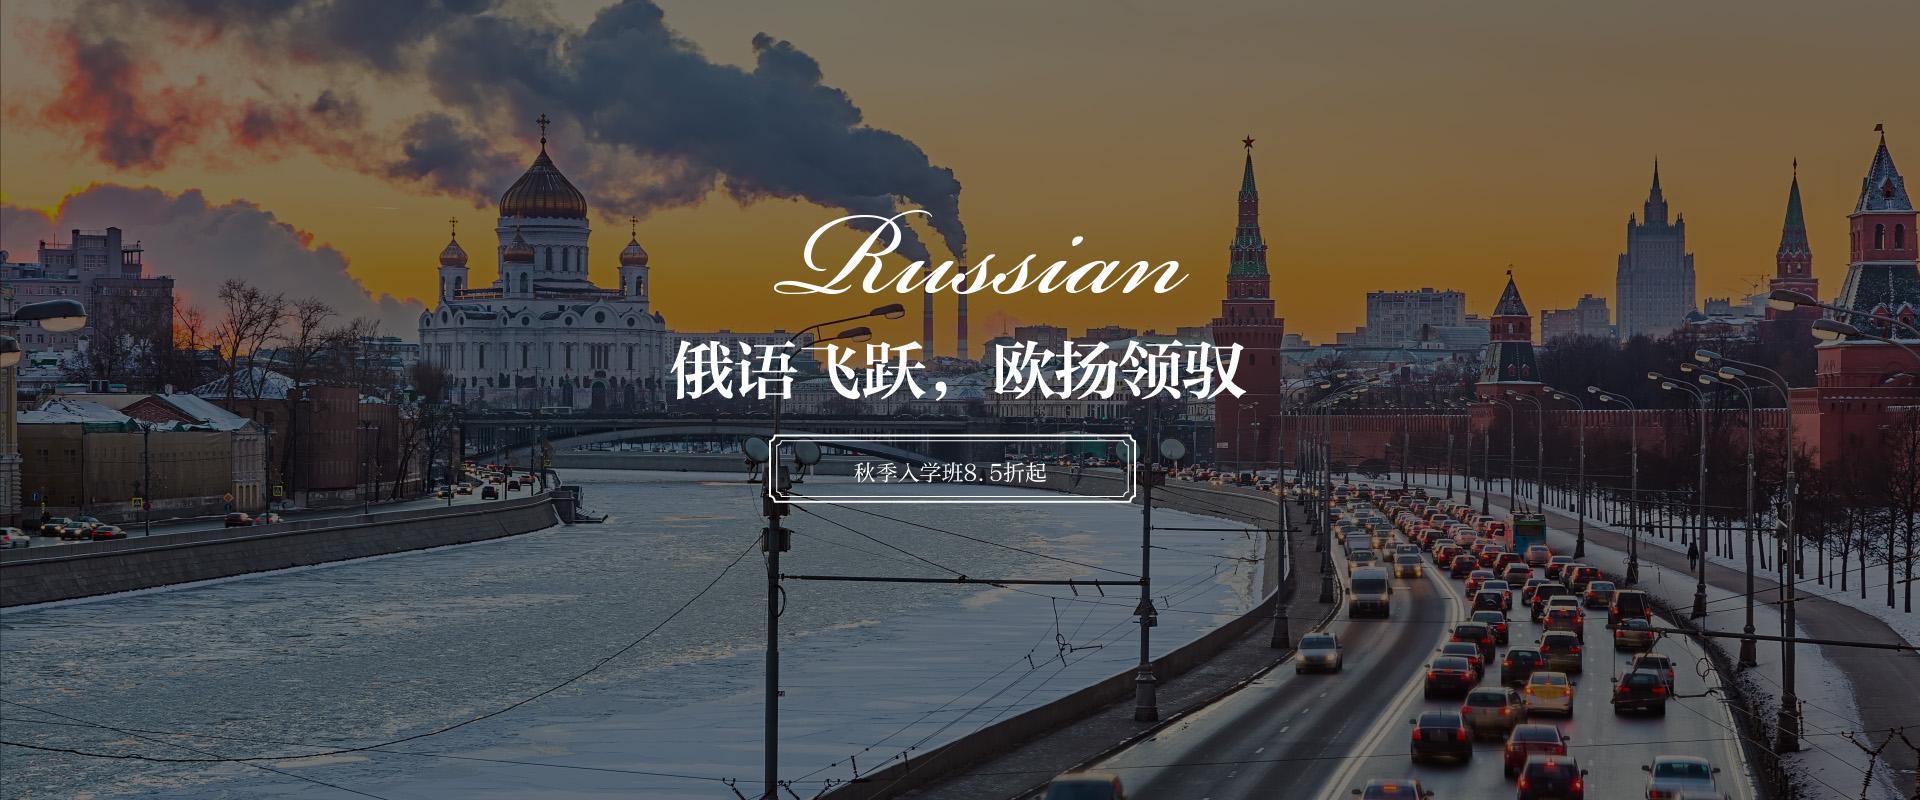 宁波欧扬俄语培训班